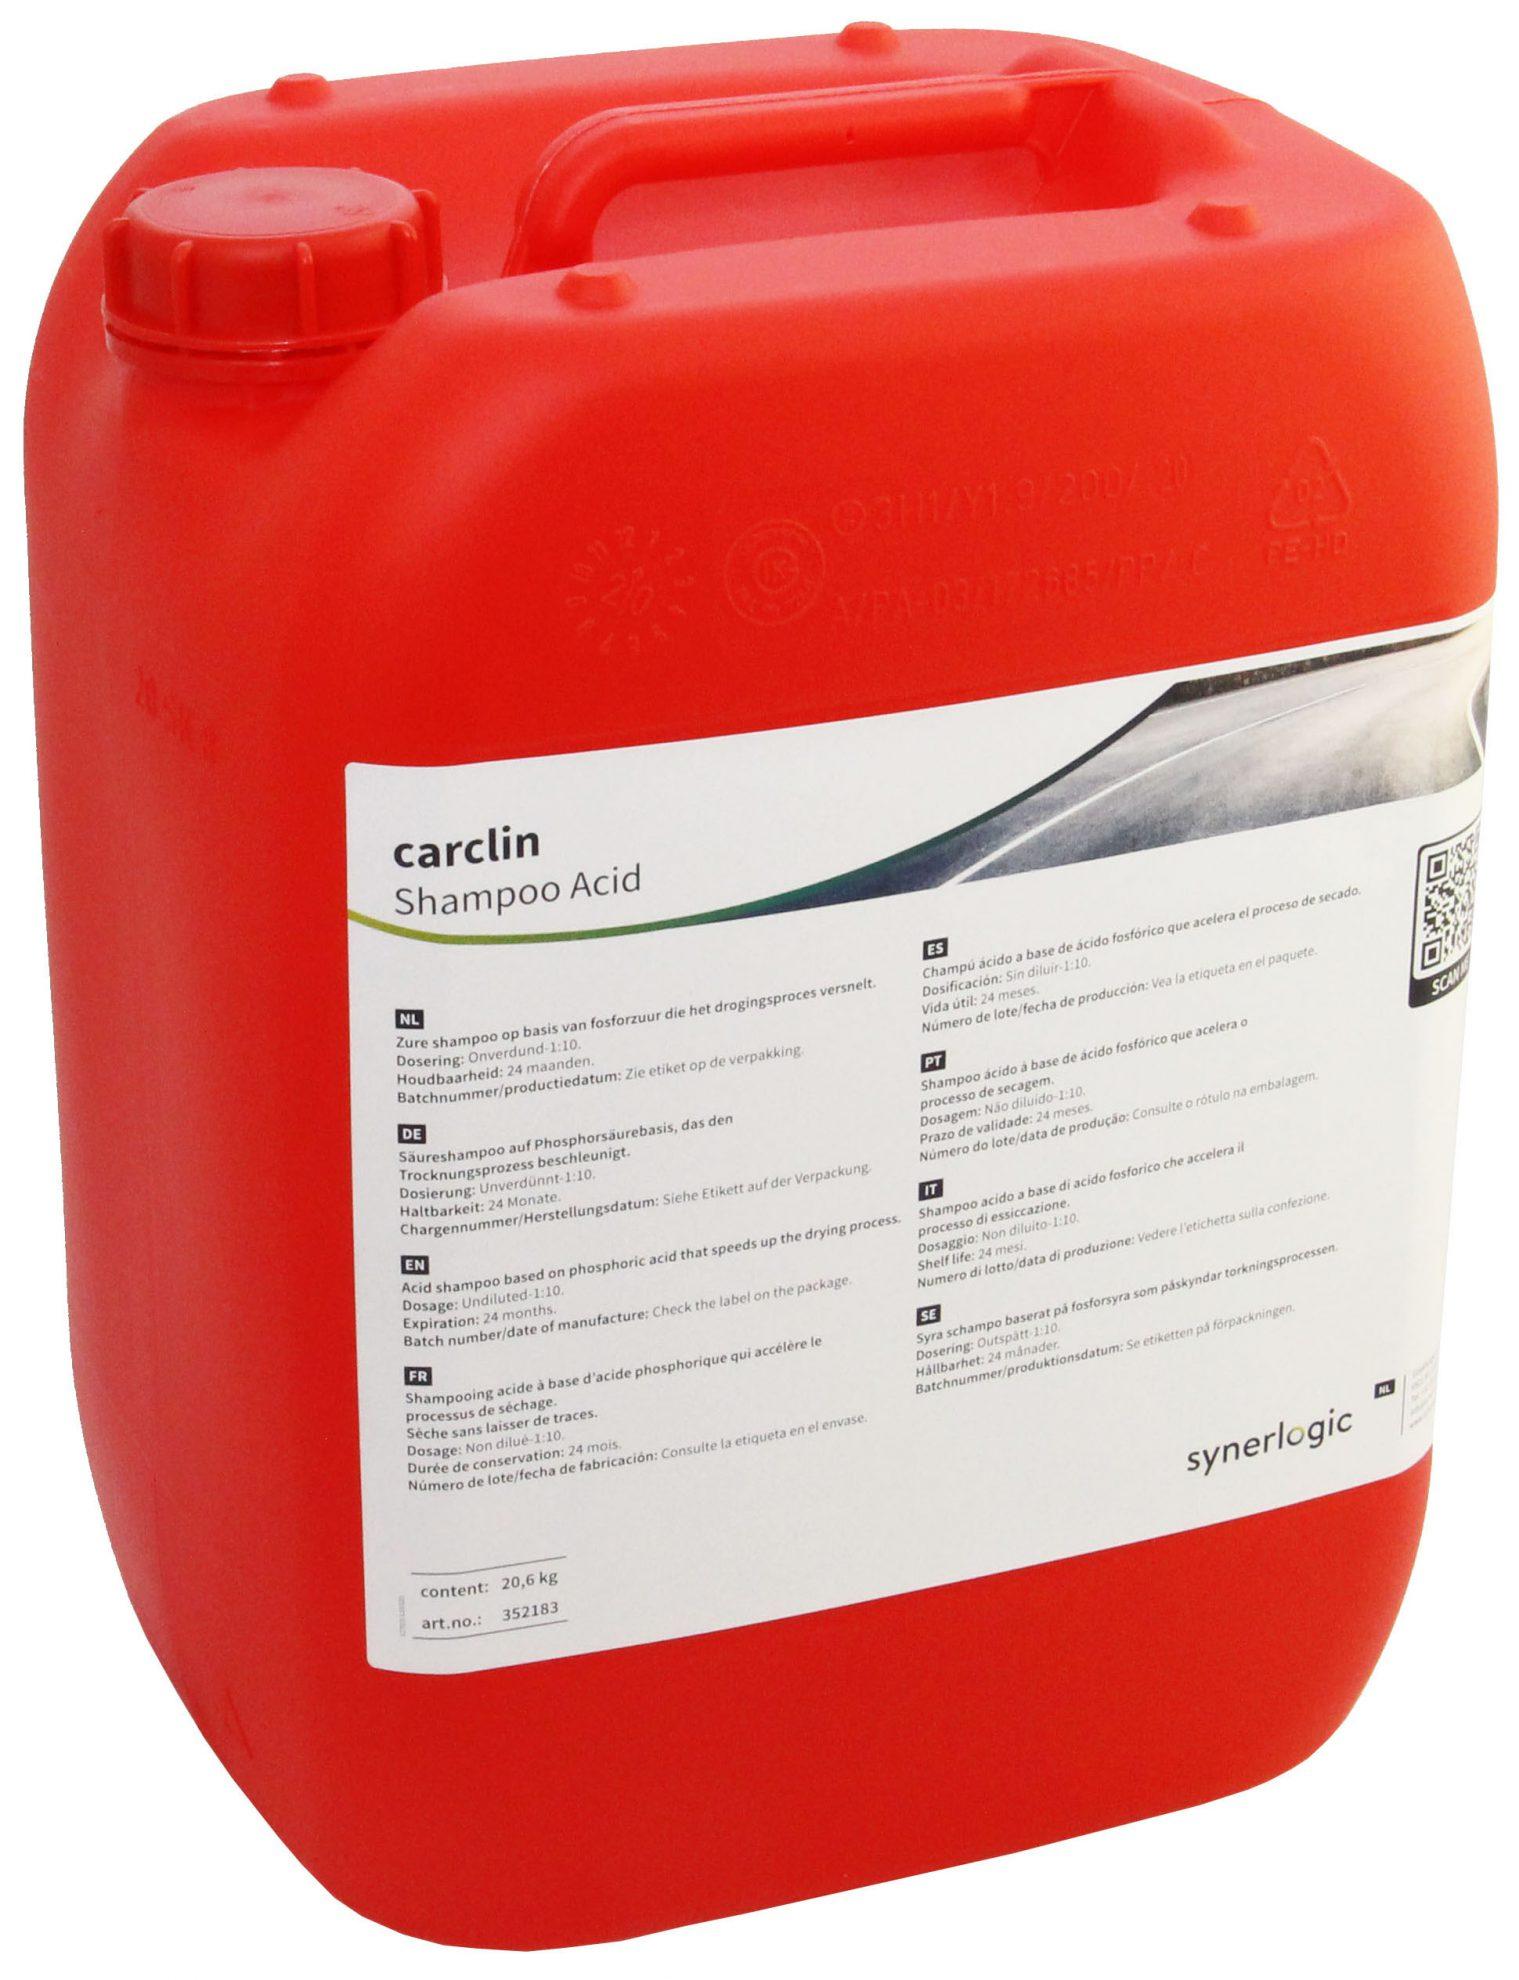 Carclin Shampoo Acid